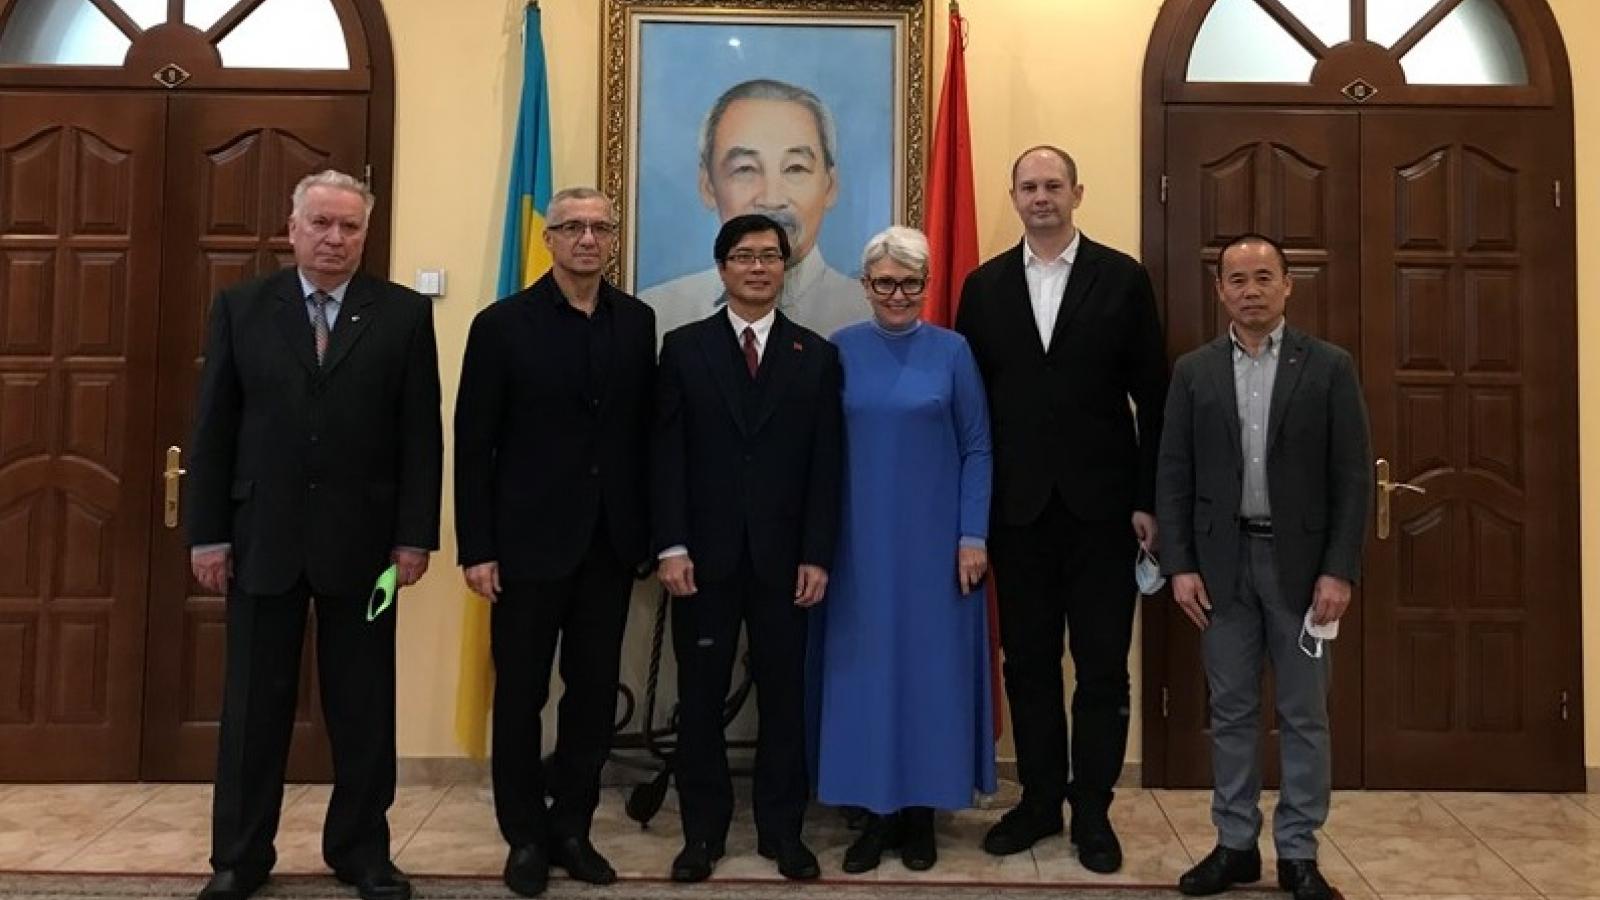 Đại sứ quán thúc đẩy quan hệ hữu nghị, hợp tác Ukraine-Việt Nam